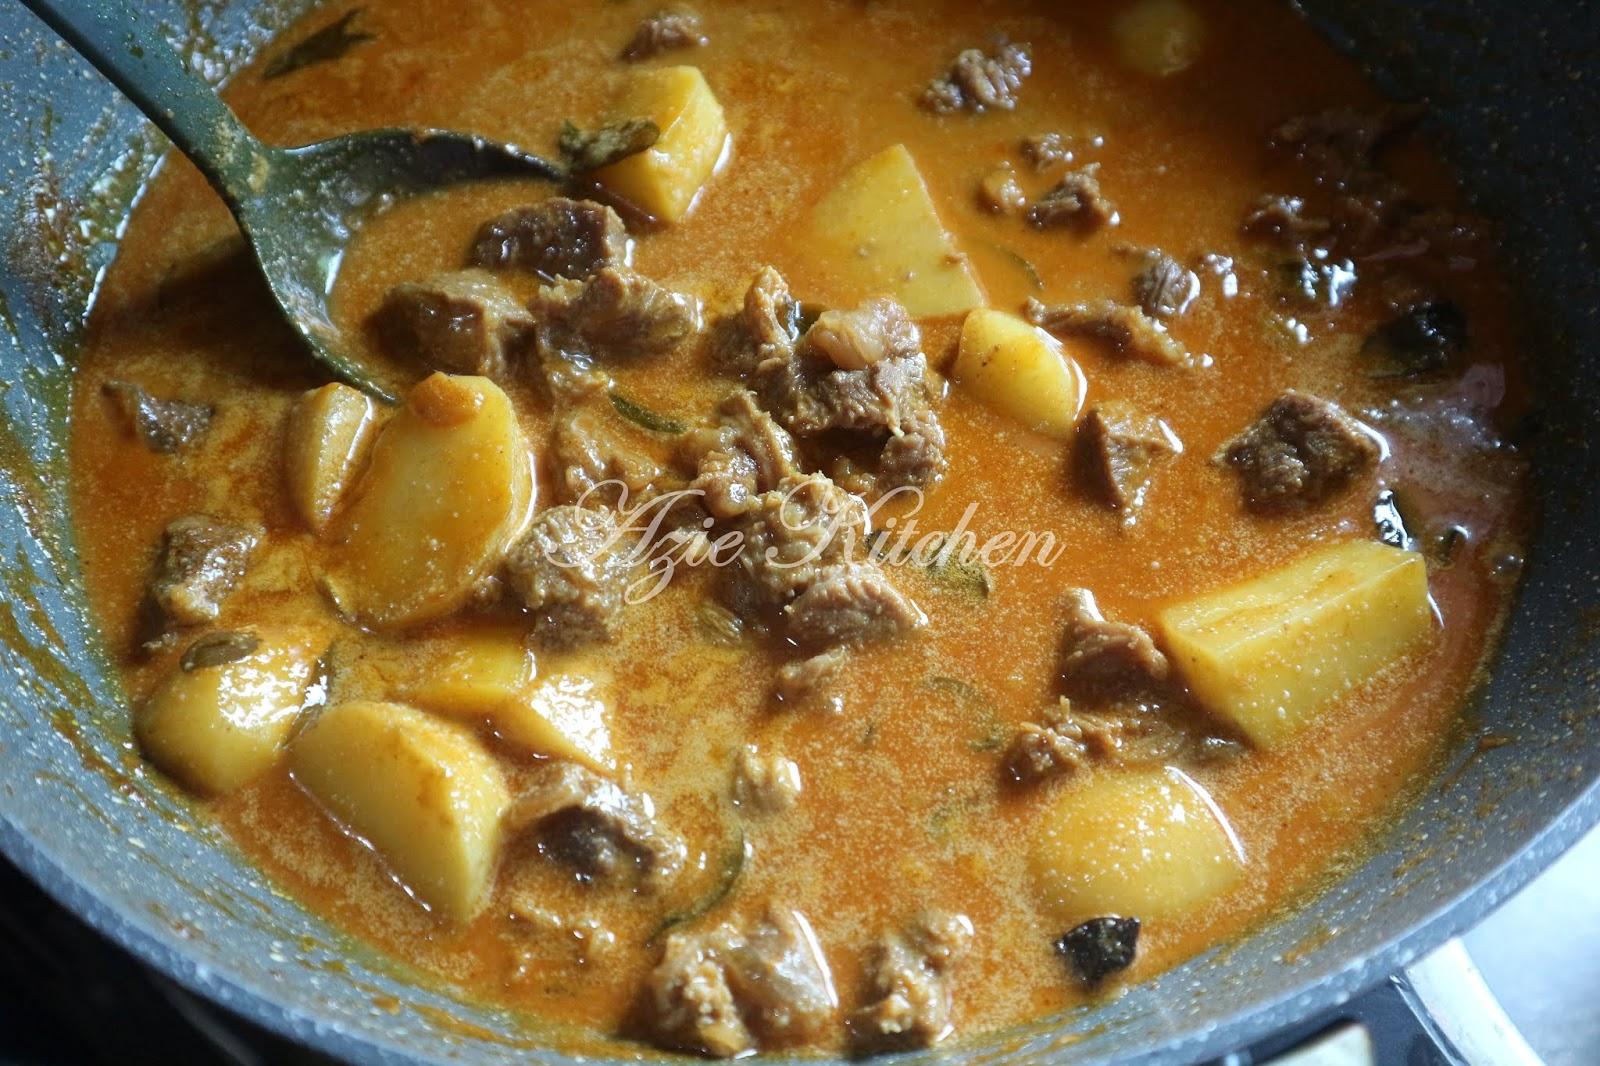 resepi biskut onde onde gula melaka beadwindles Resepi Kuih Suji Azie Kitchen Enak dan Mudah